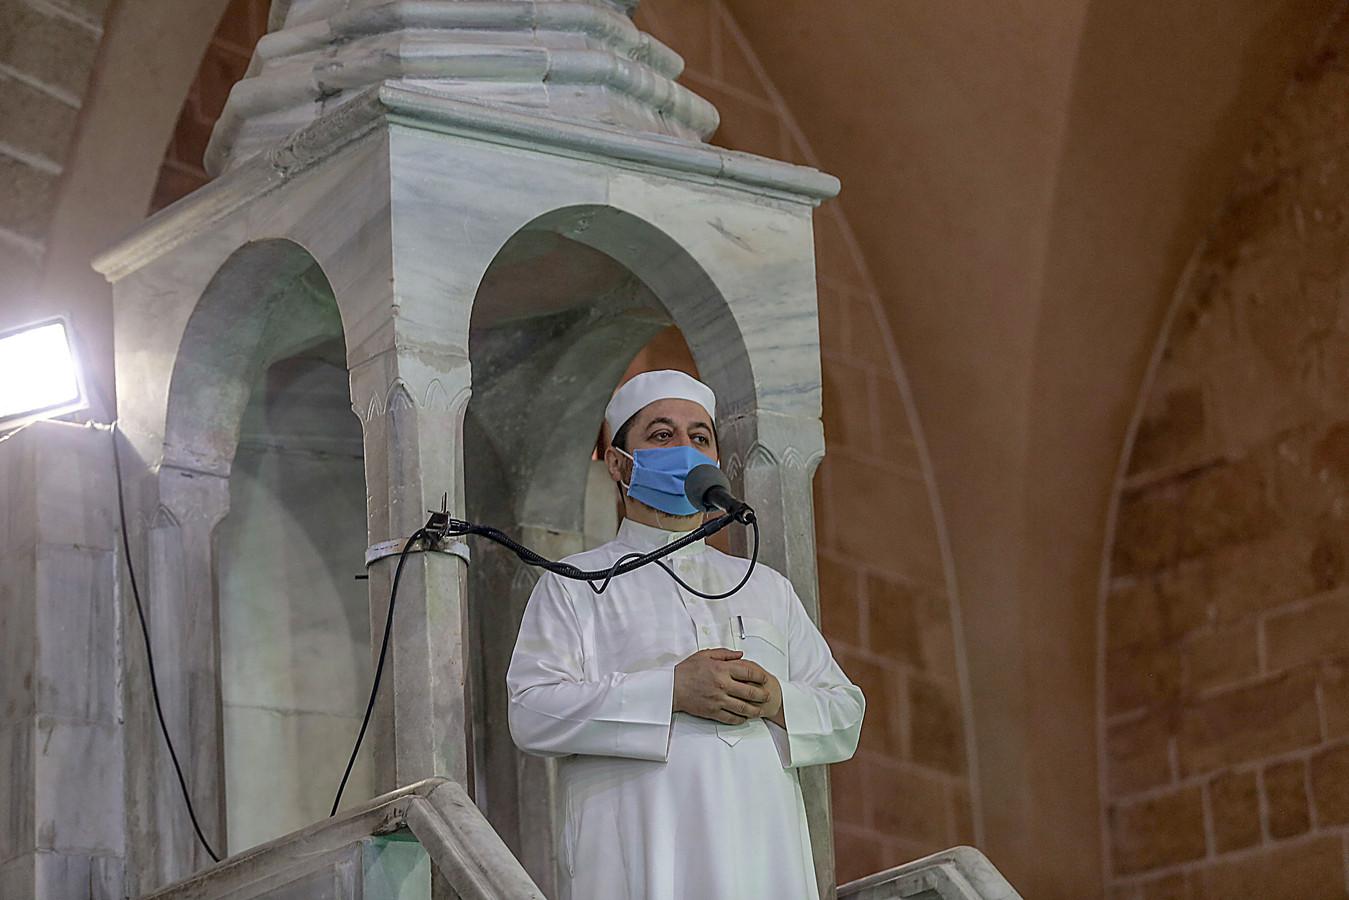 Een imam in een moskee in Gaza City deed vandaag het gebed met een mondmasker op